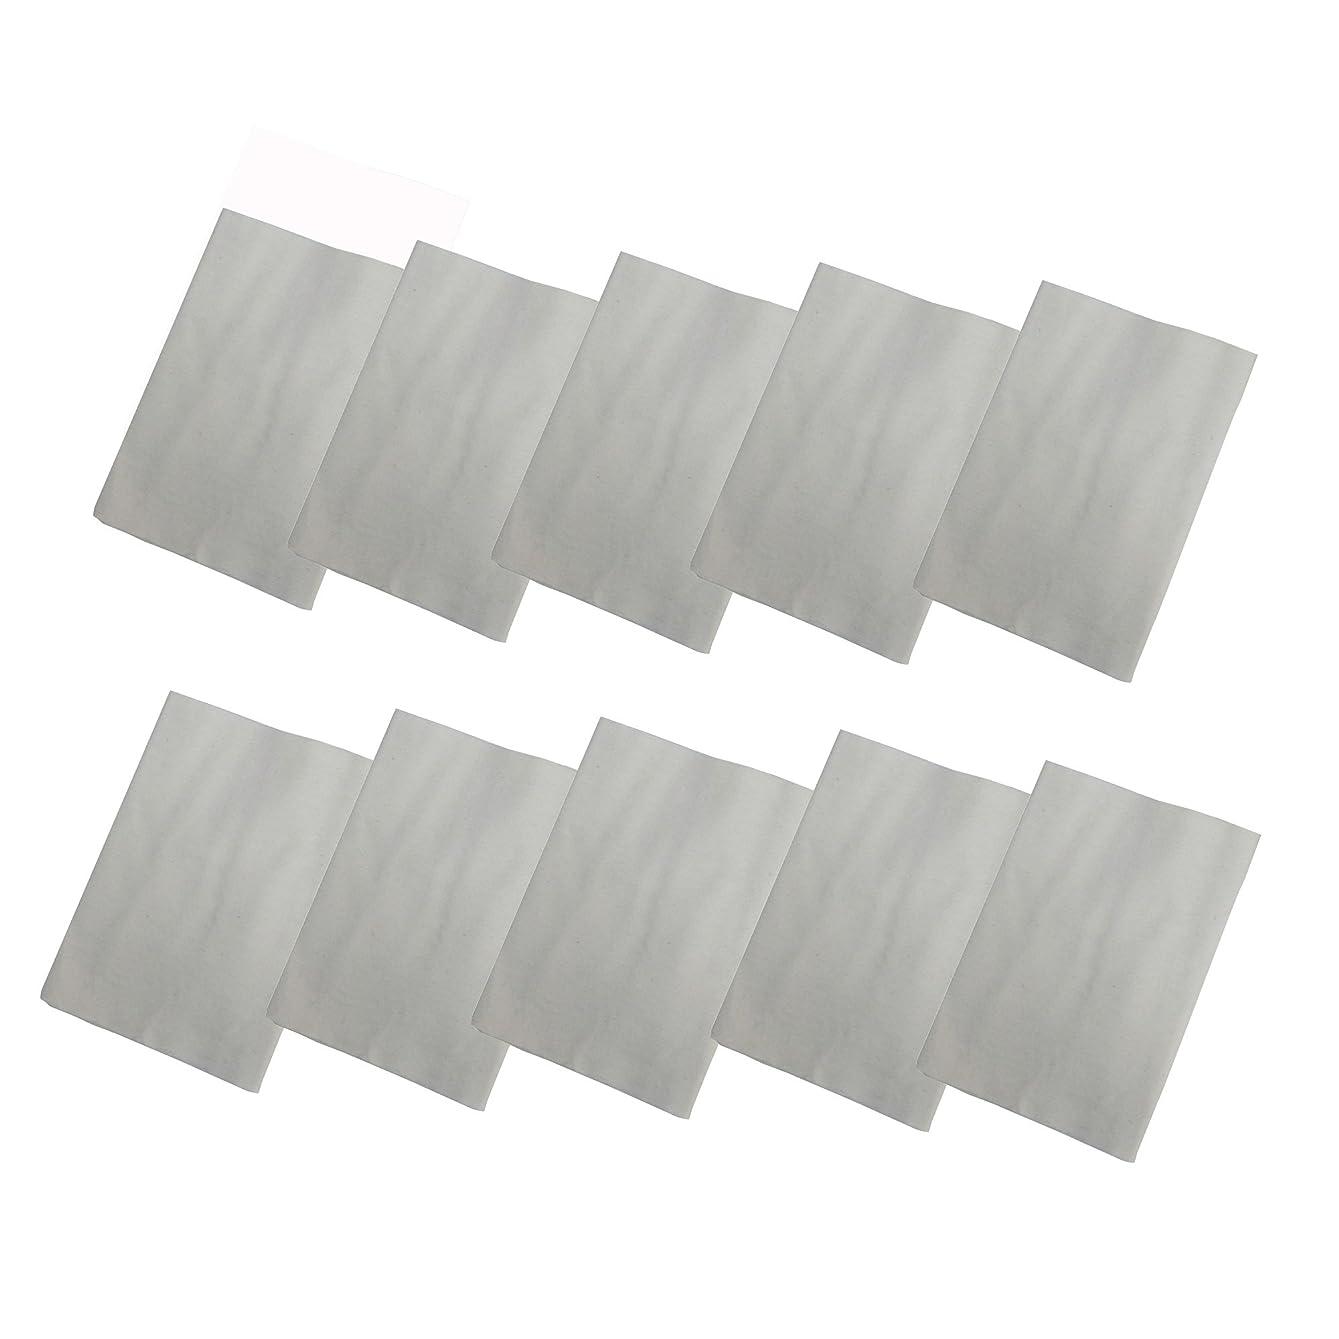 拍手するアクセル原油コットンフランネル10枚組(ヒマシ油用) 無添加 無漂白 平織 両面起毛フランネル生成